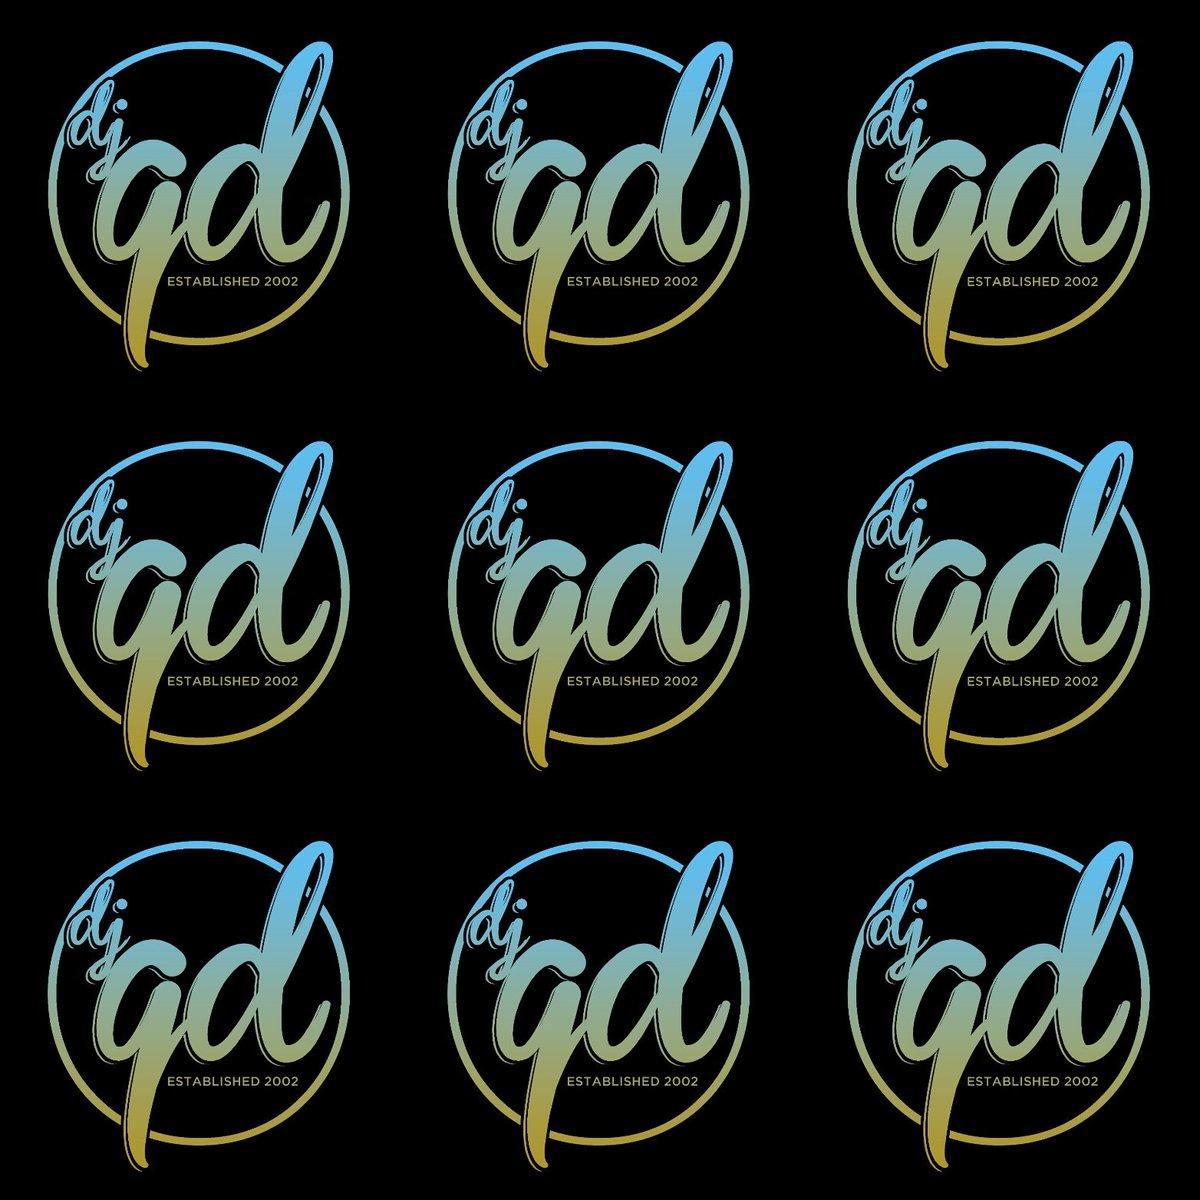 DJ QD on Twitter: